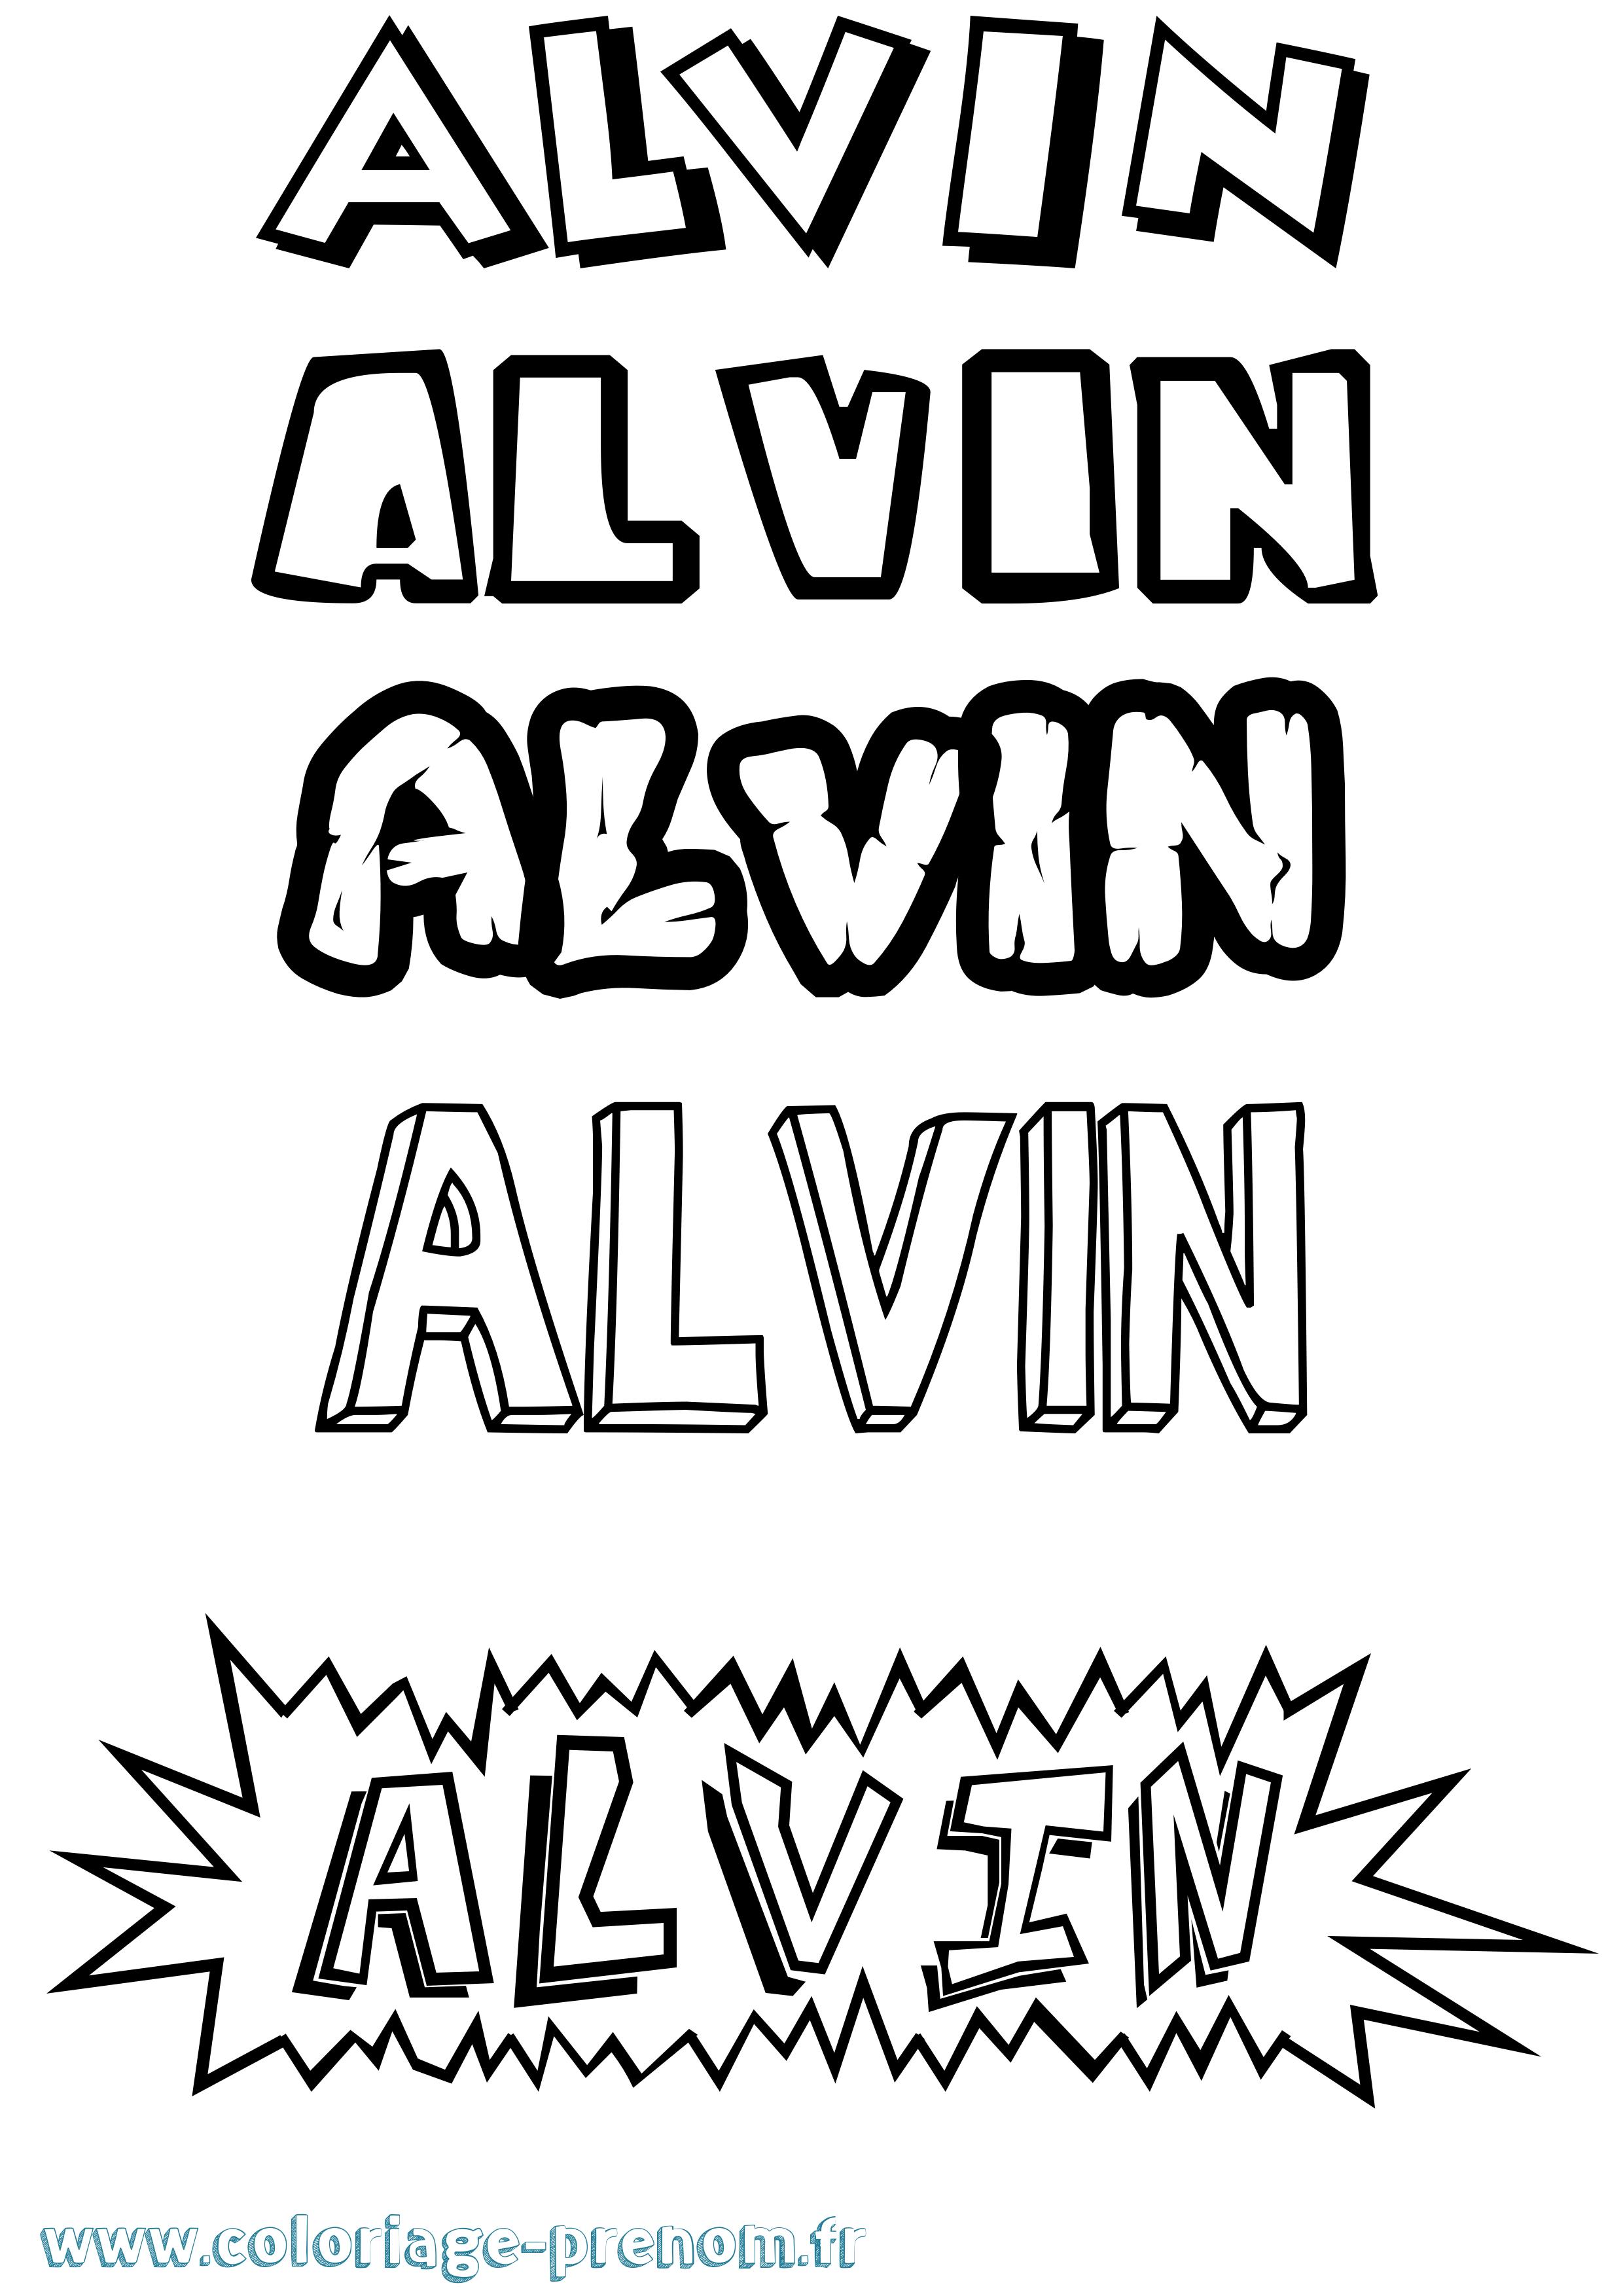 Coloriage du prénom Alvin : à Imprimer ou Télécharger ...